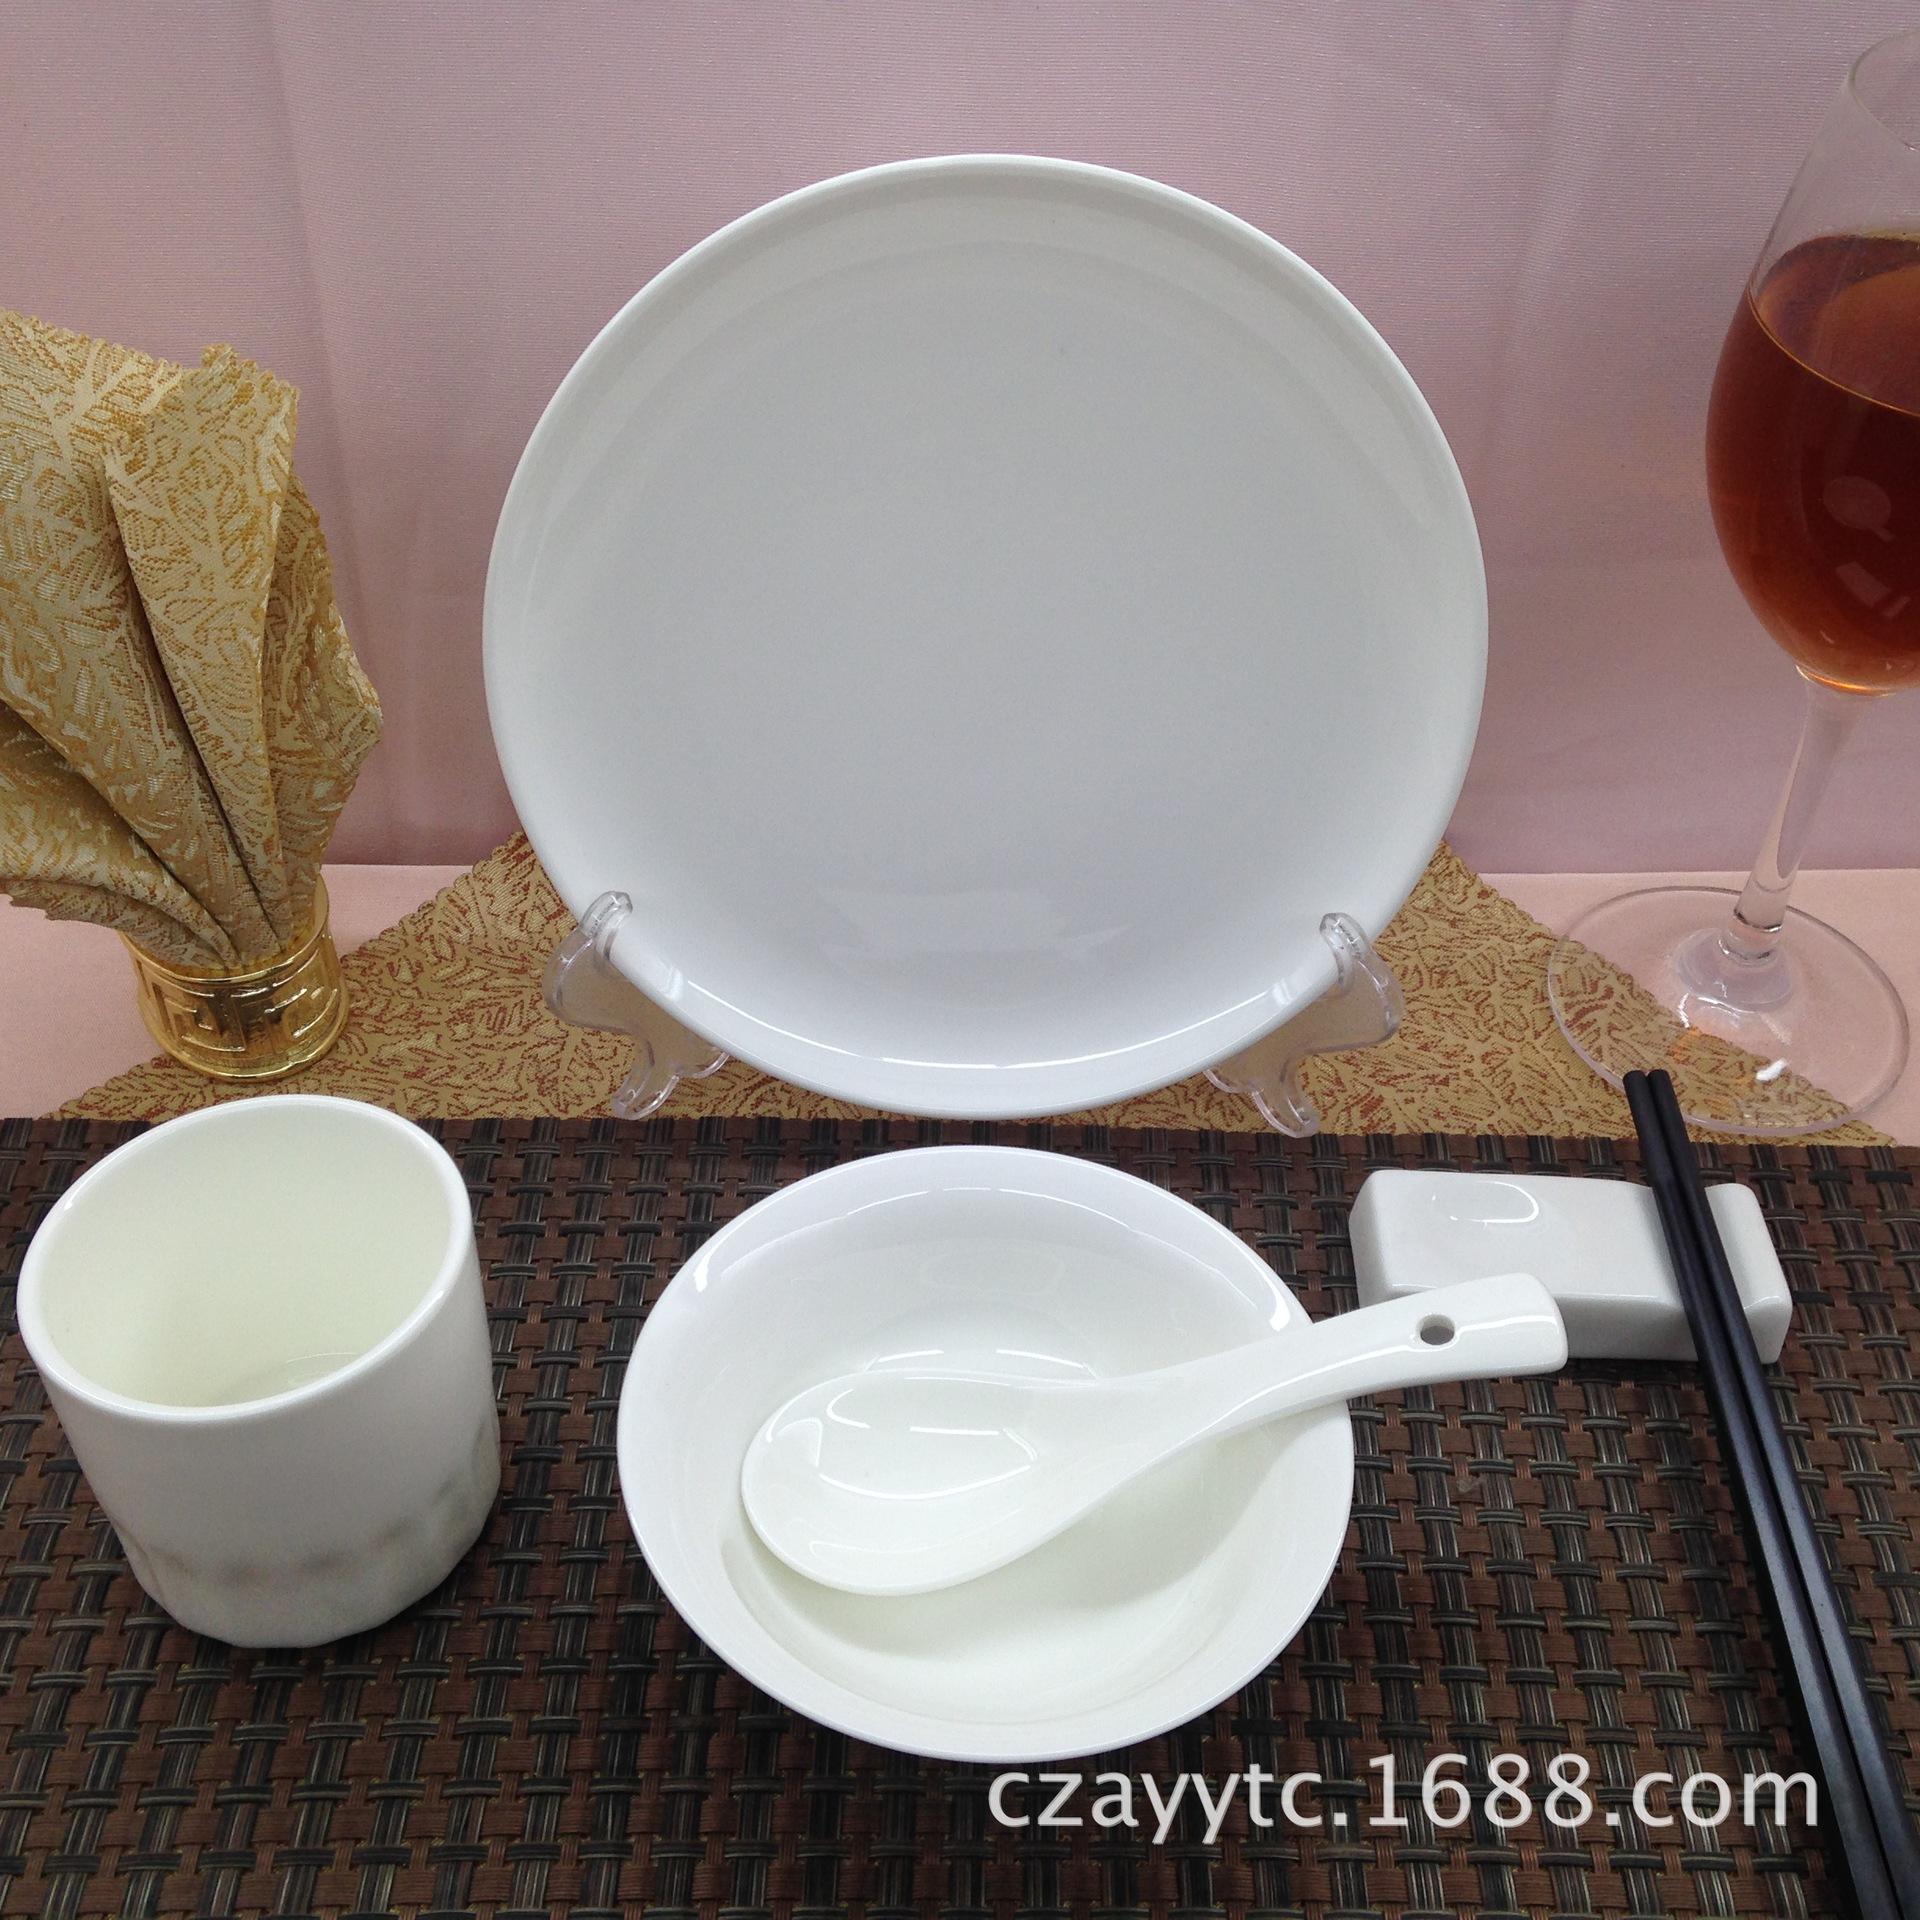 酒店新骨瓷大厅摆台 陶瓷盘碗勺餐具 四头五头套件花面自由搭配